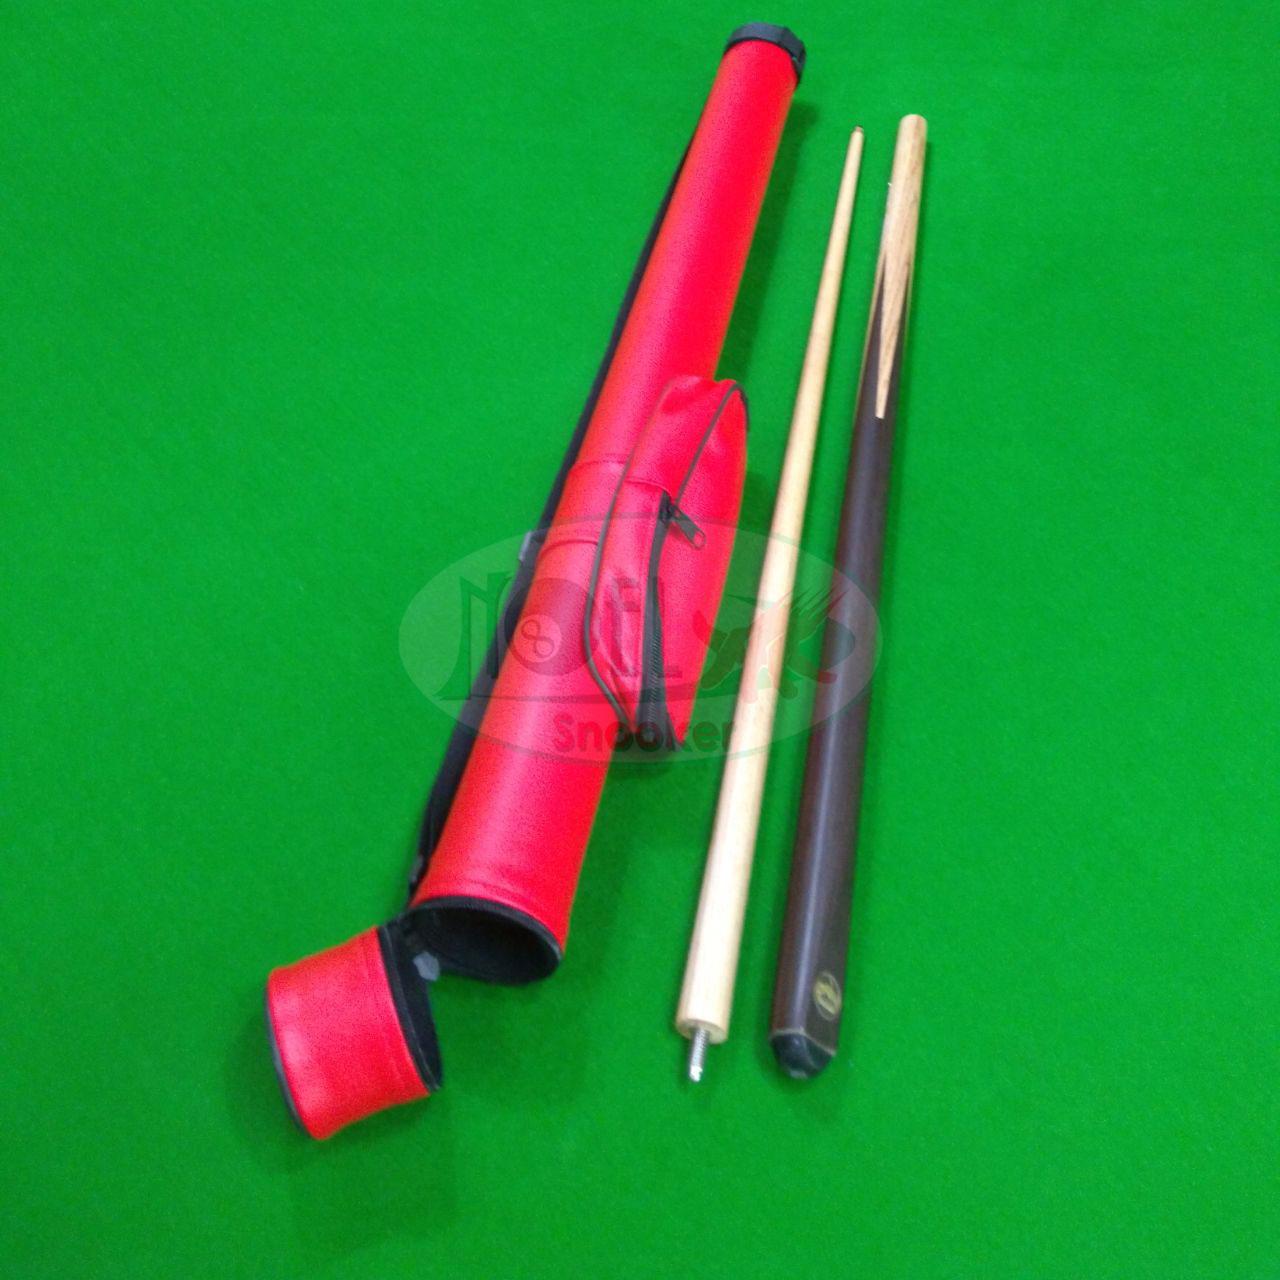 Capa tubo importada para taco de sinuca com rosca no meio